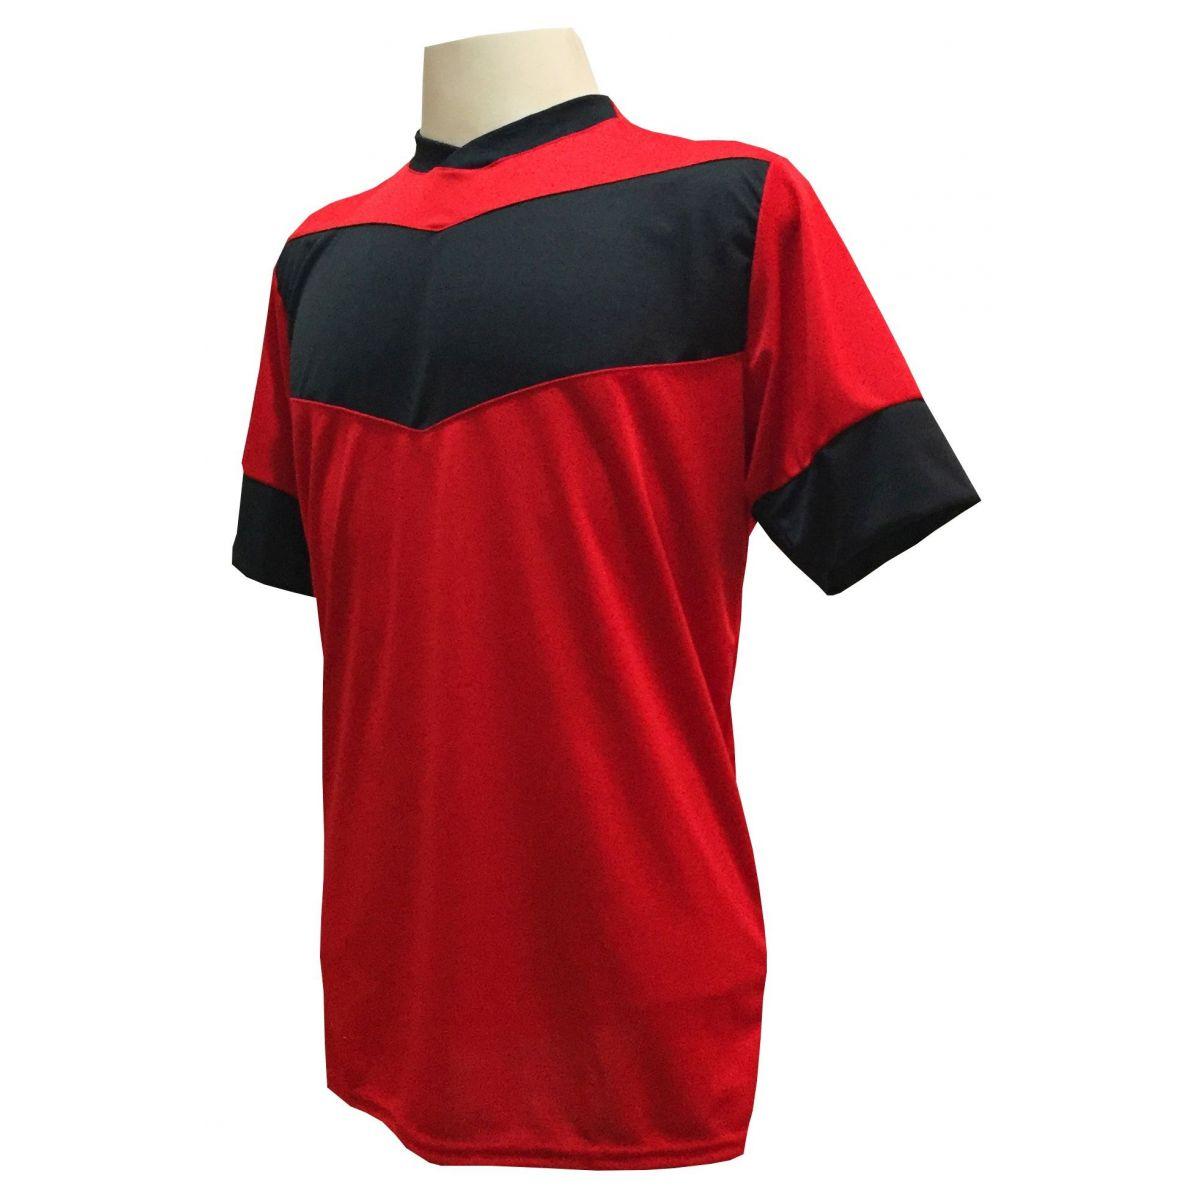 Fardamento Completo modelo Columbus 18+2 (18 Camisas Vermelho/Preto + 18 Calções Madrid Preto + 18 Pares de Meiões Pretos + 2 Conjuntos de Goleiro) + Brindes